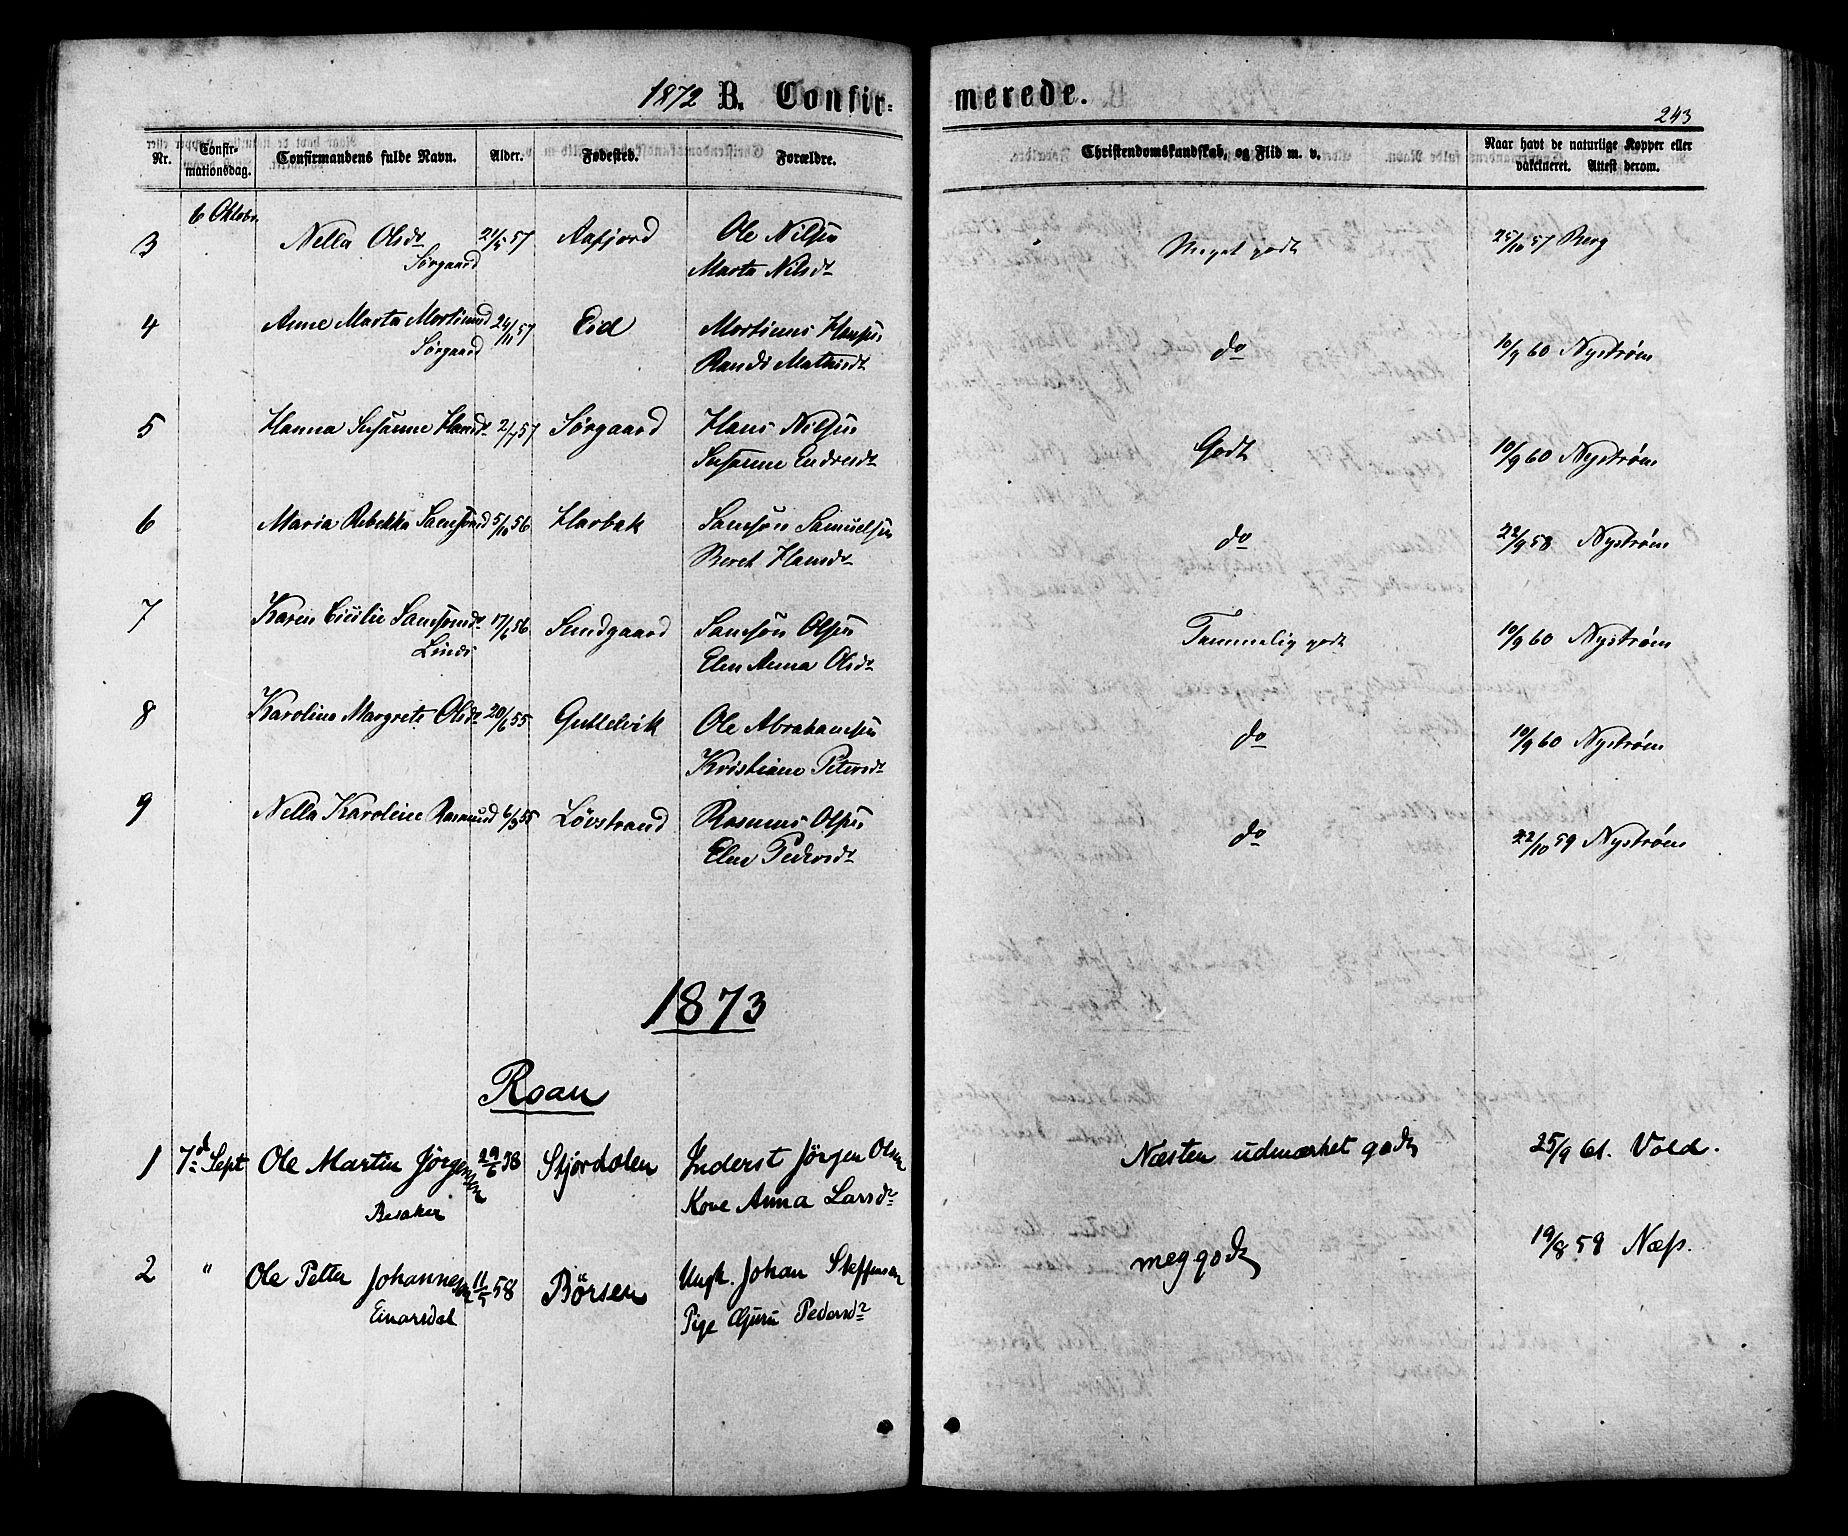 SAT, Ministerialprotokoller, klokkerbøker og fødselsregistre - Sør-Trøndelag, 657/L0706: Ministerialbok nr. 657A07, 1867-1878, s. 243